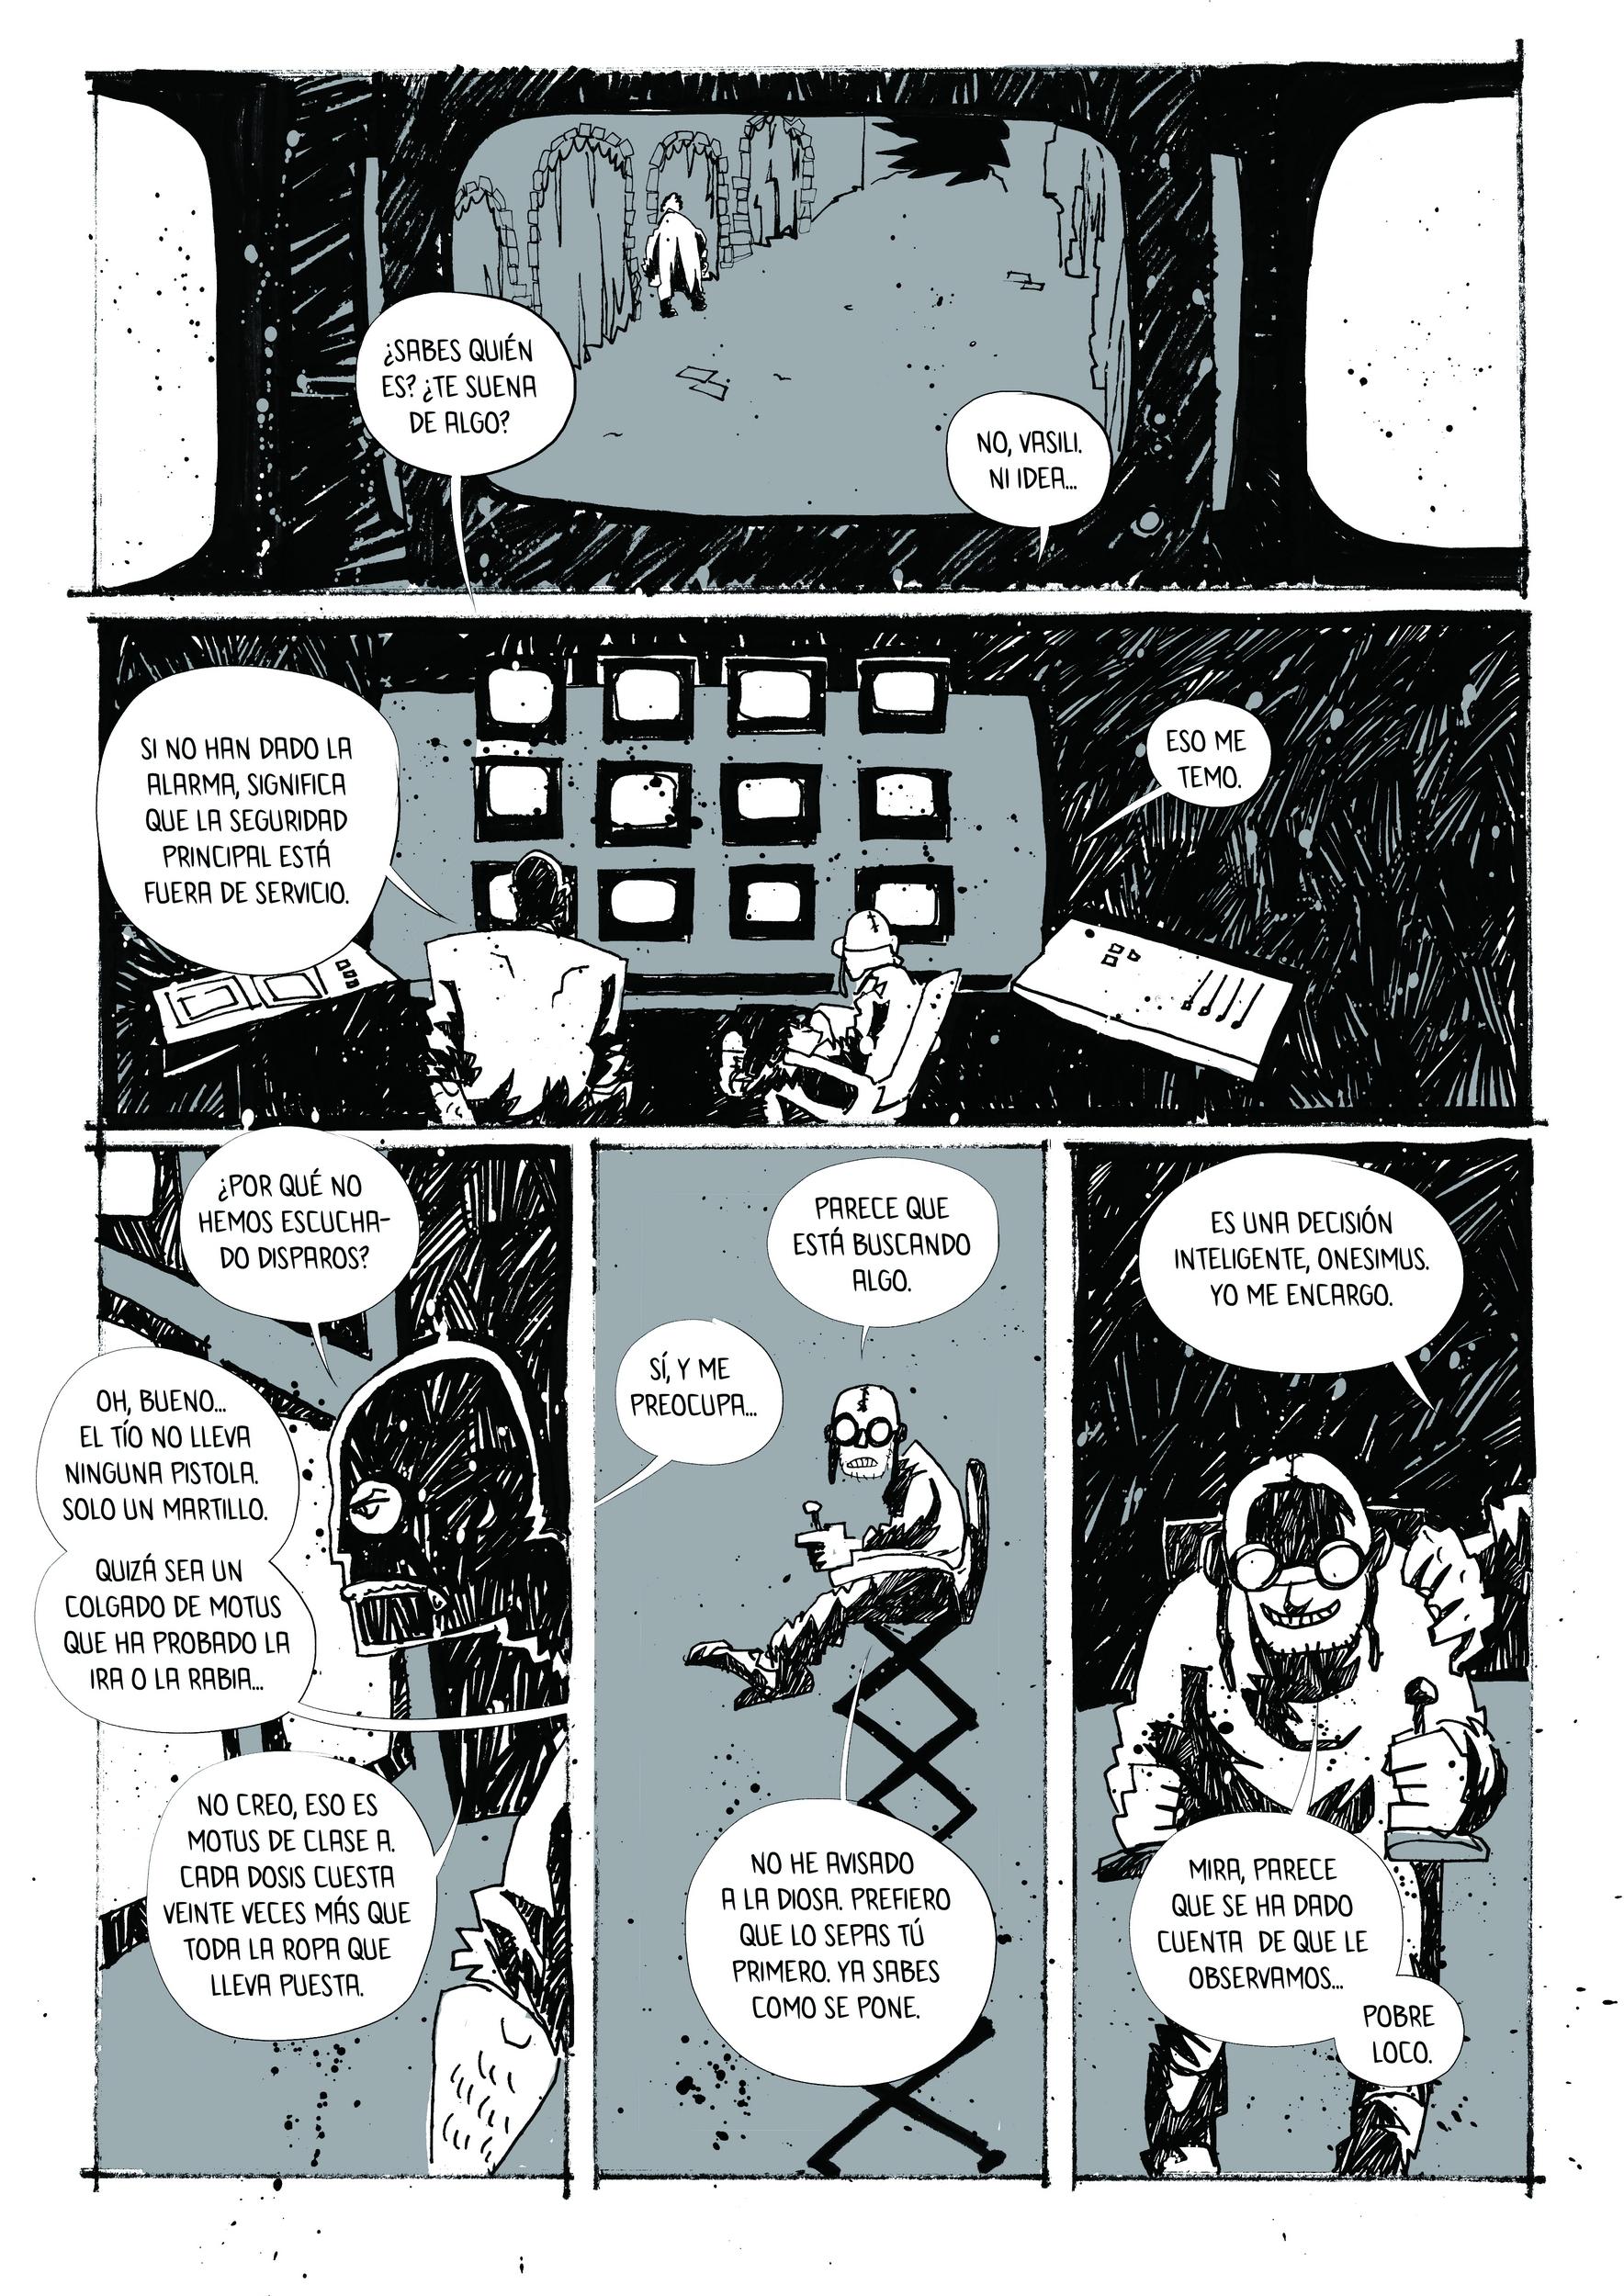 05_Hugo Martín Crespo y Alejandro Cruz Santana_Grind_pagina00011_2500_0024